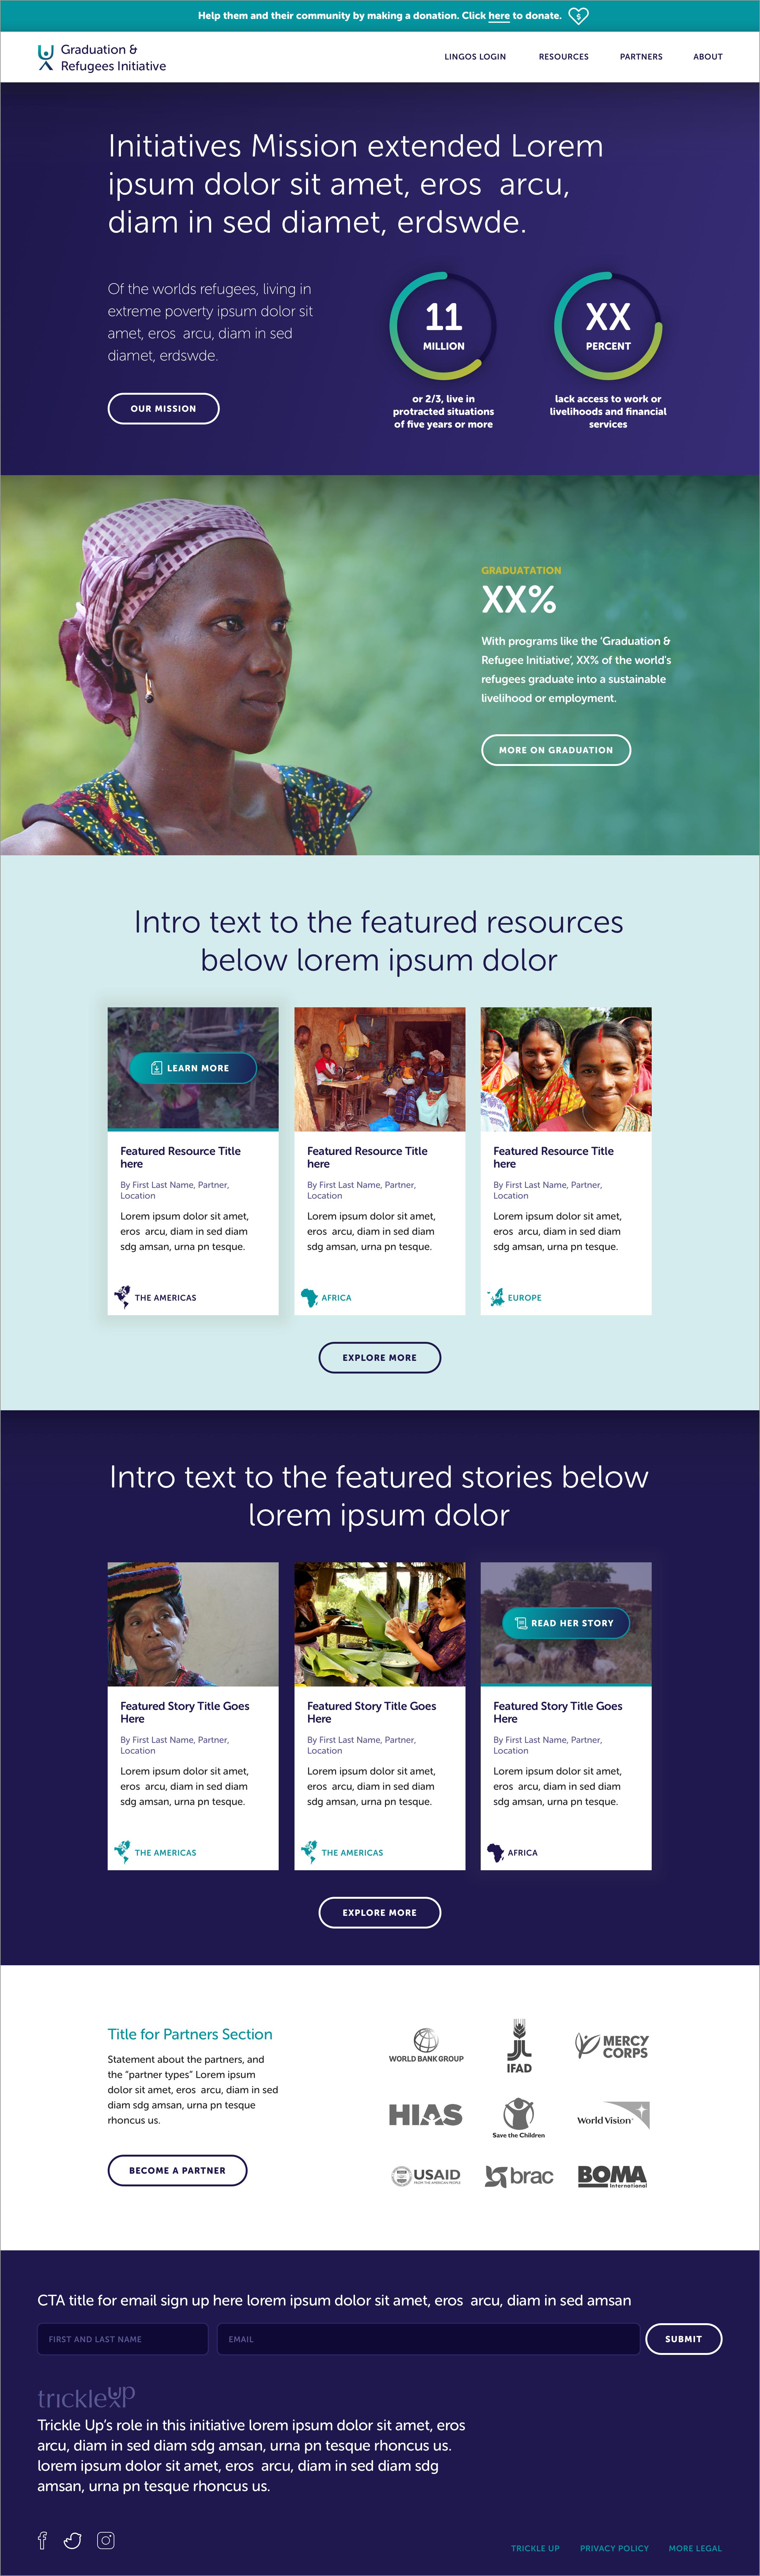 TU_microsite_homepage.jpg